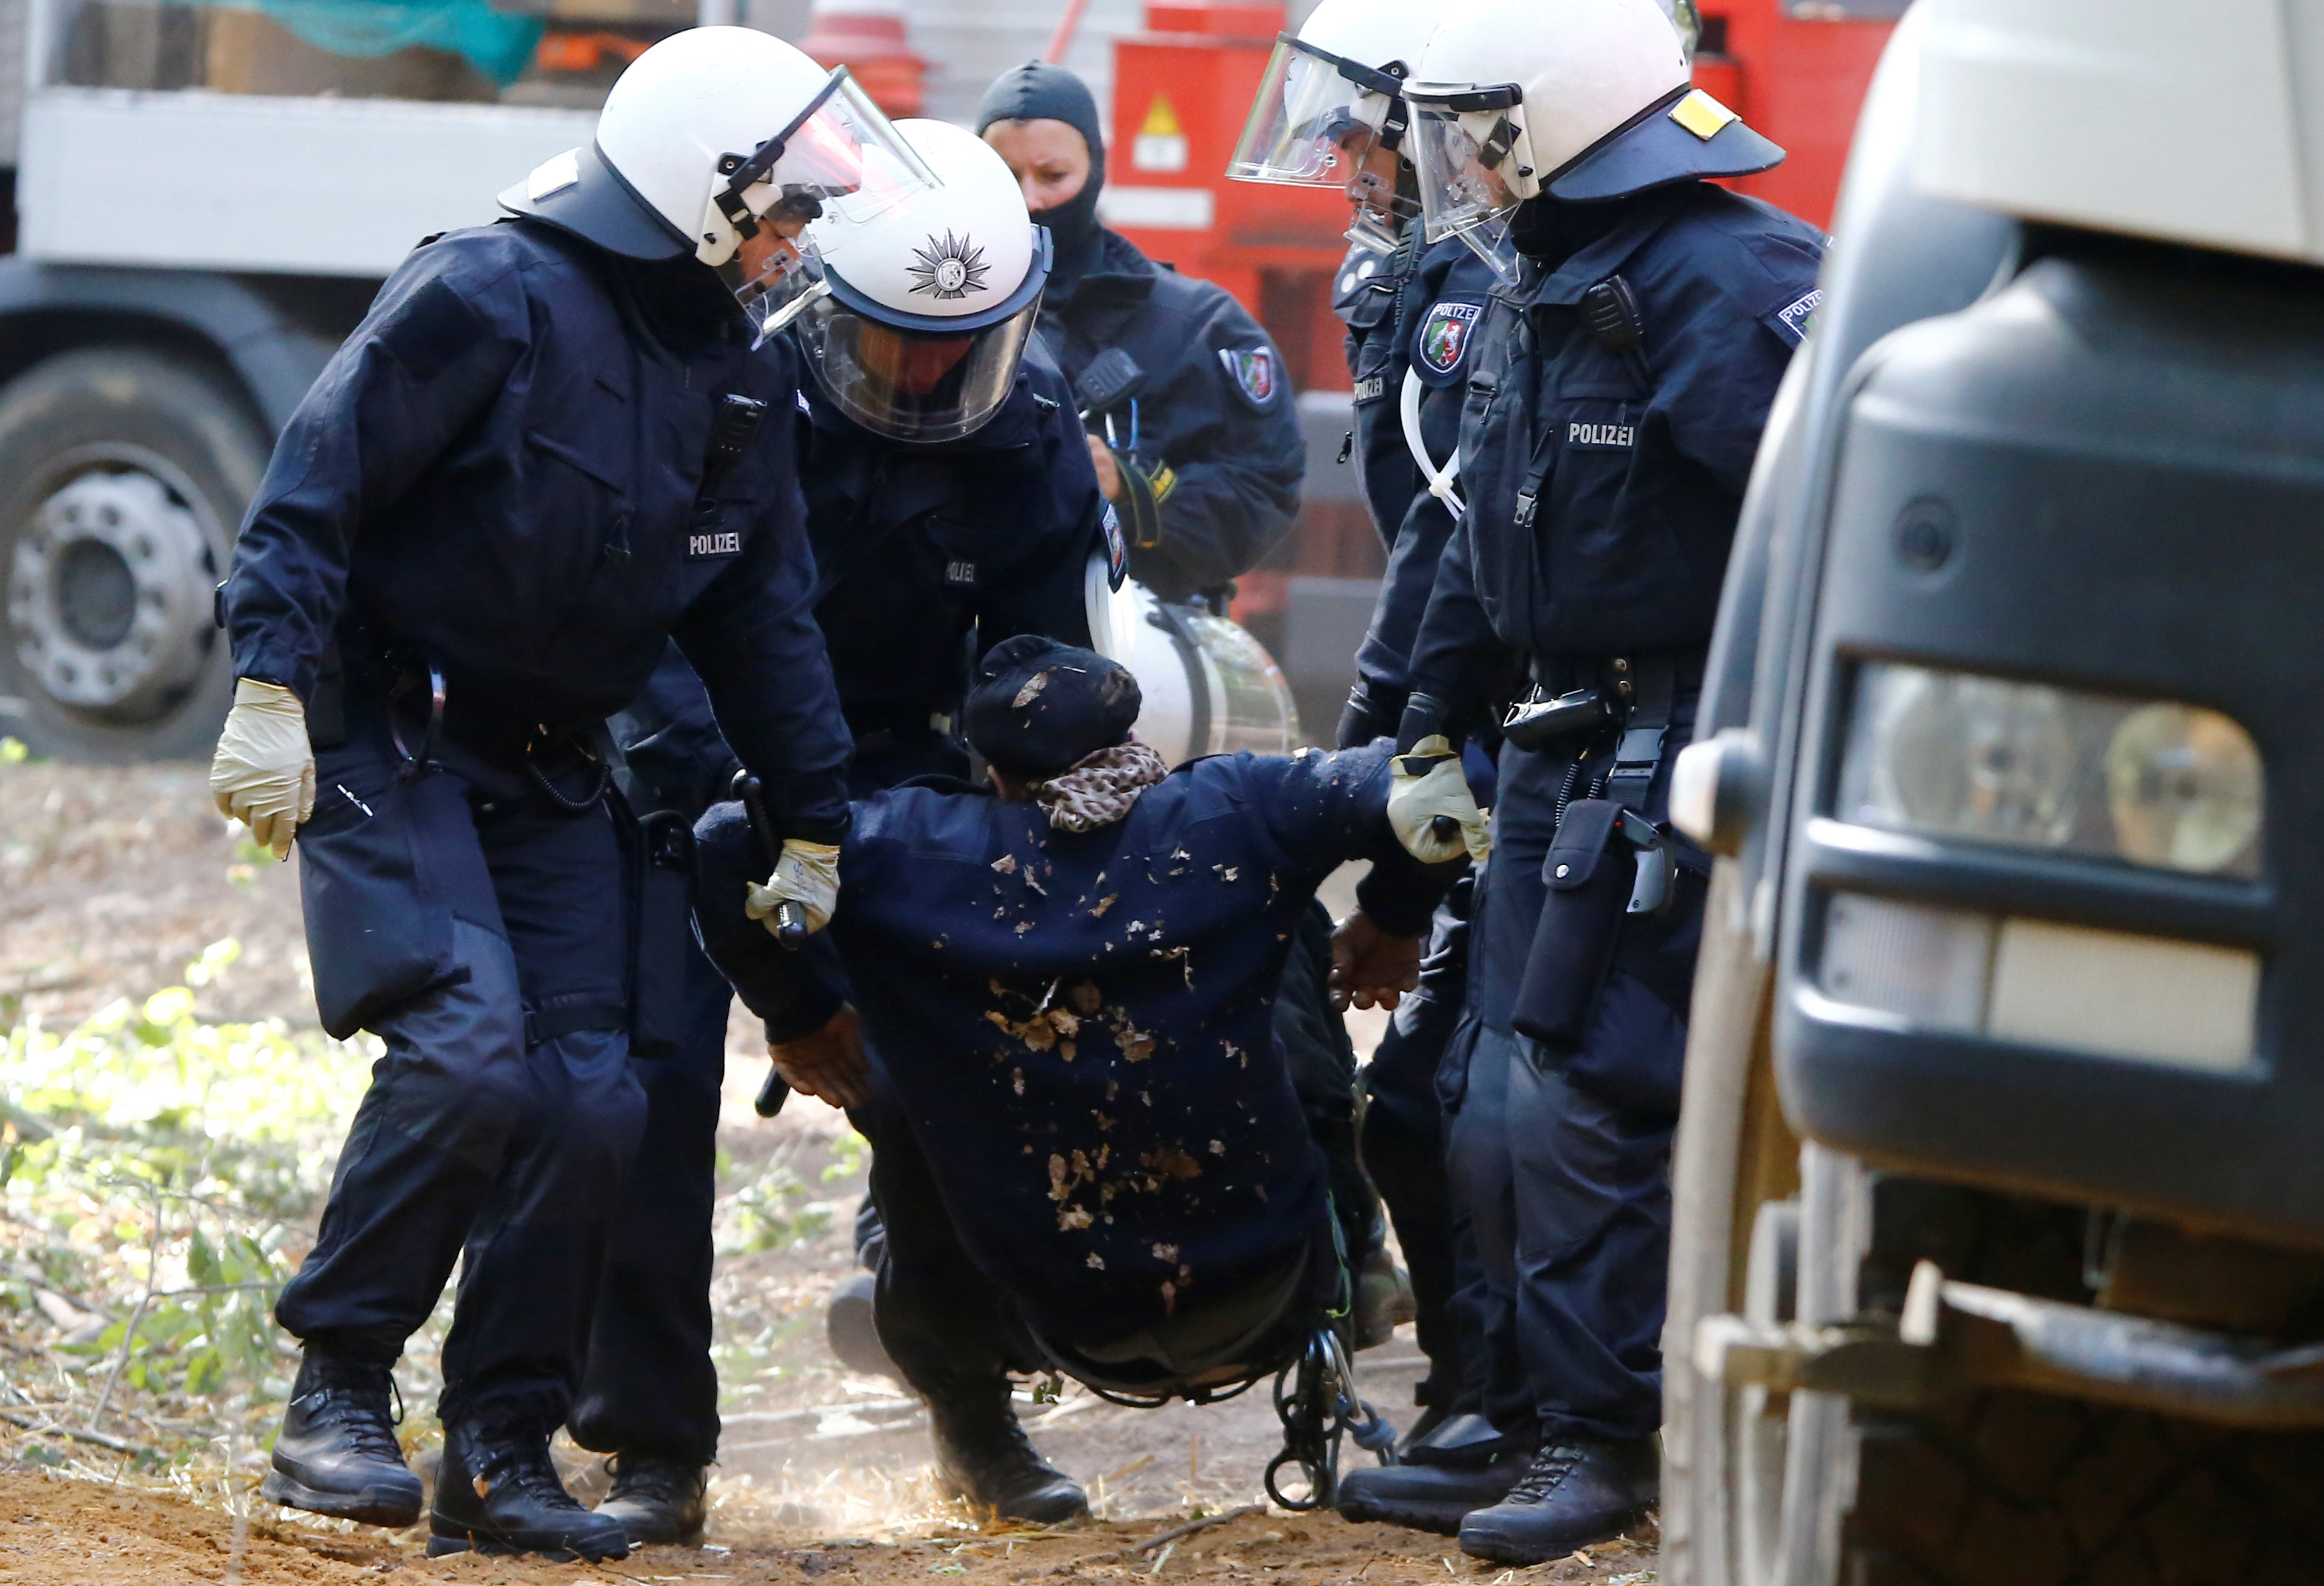 البوليس الألمانى يعتقل أحد النشطاء المشاركين بالمظاهرة